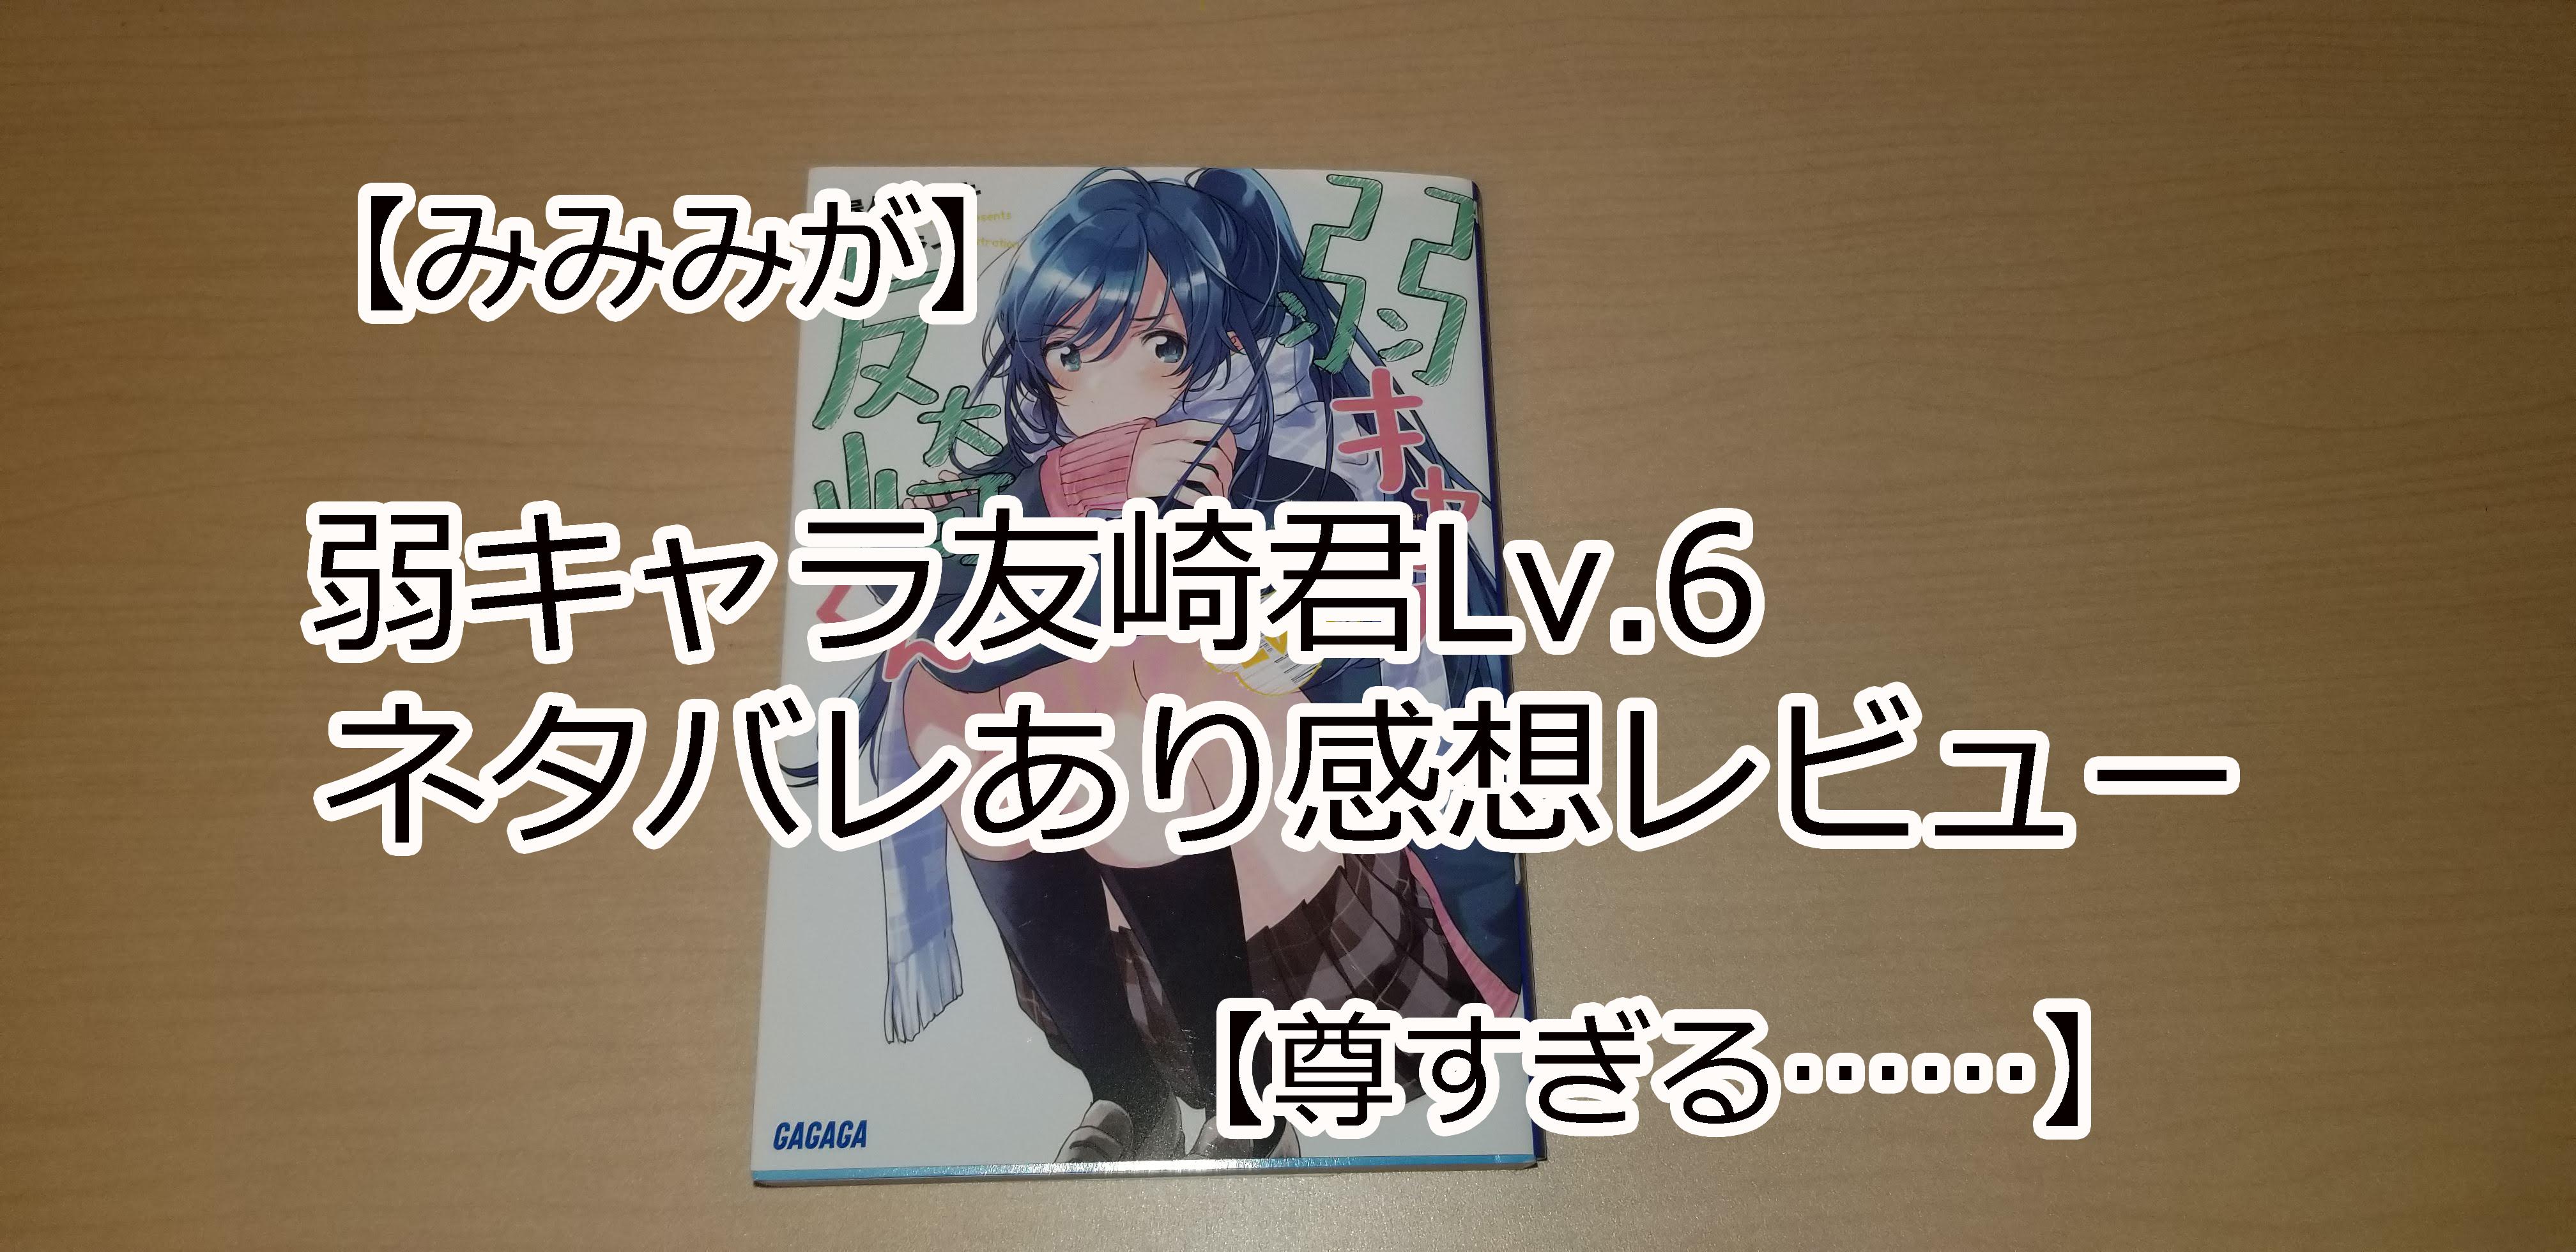 【みみみが】弱キャラ友崎くんの6巻(Lv.6)を読んだのでレビューする。ネタバレ有【至高】